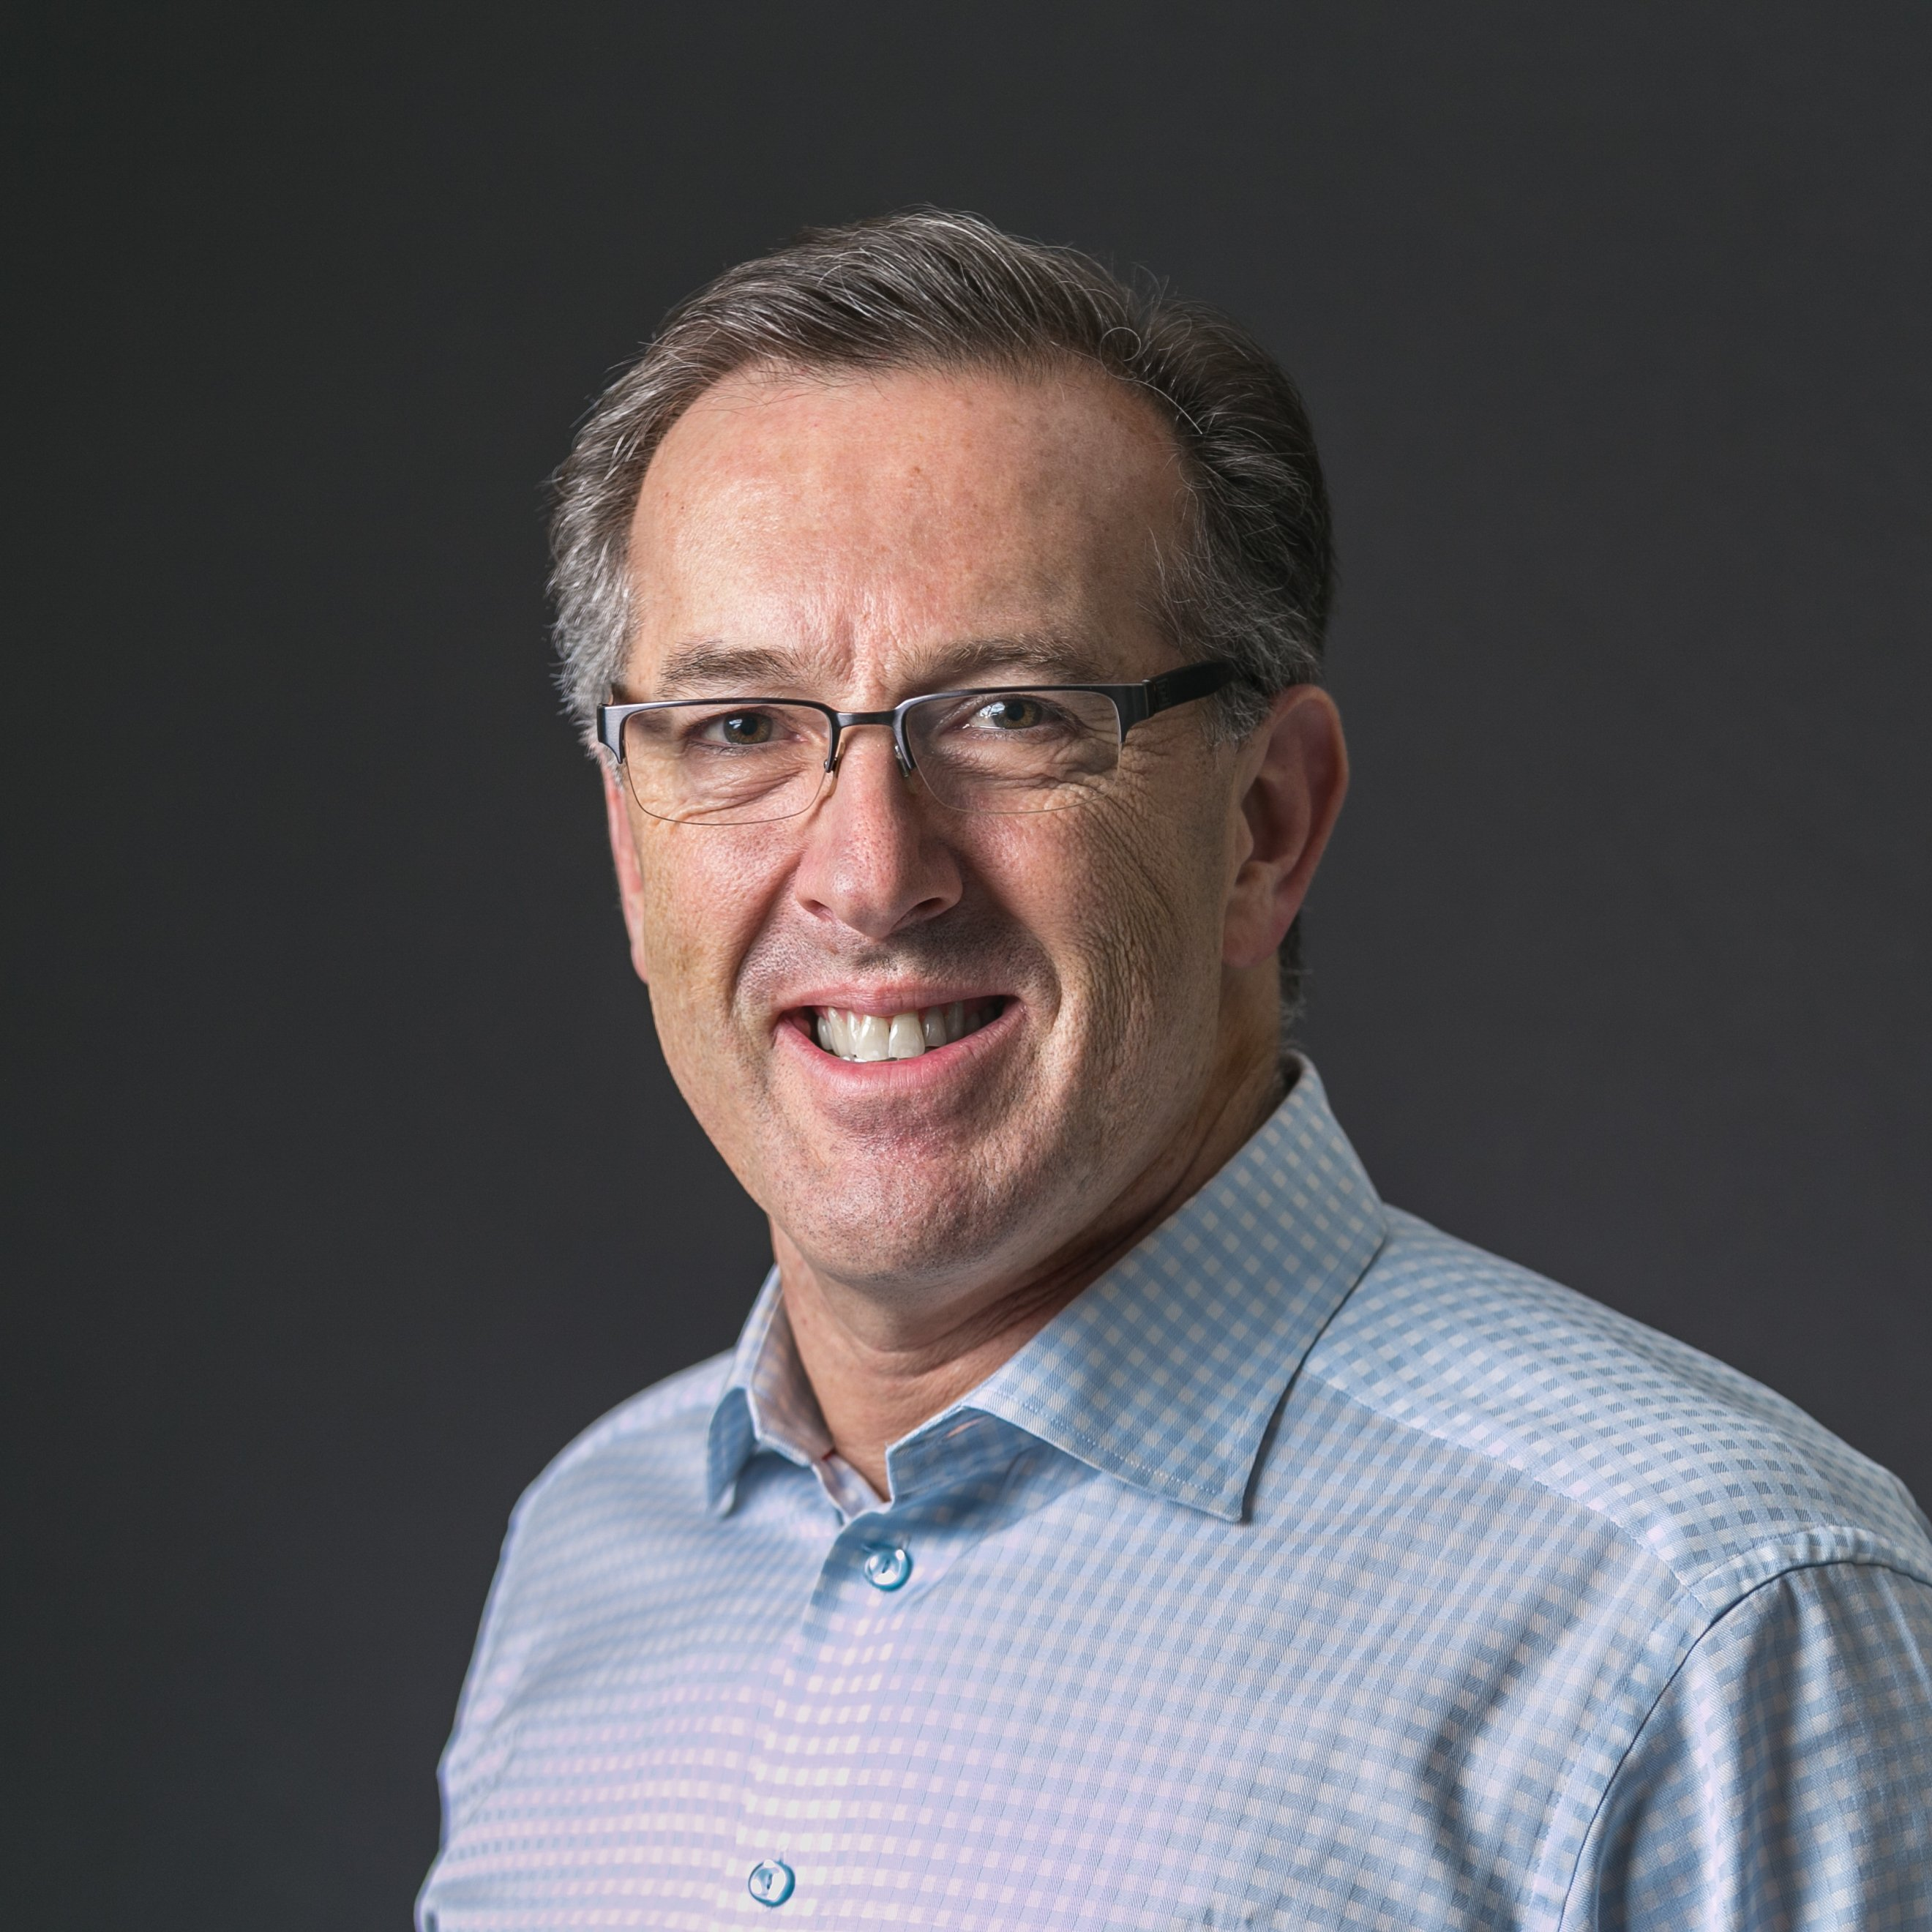 Marc Van Patten